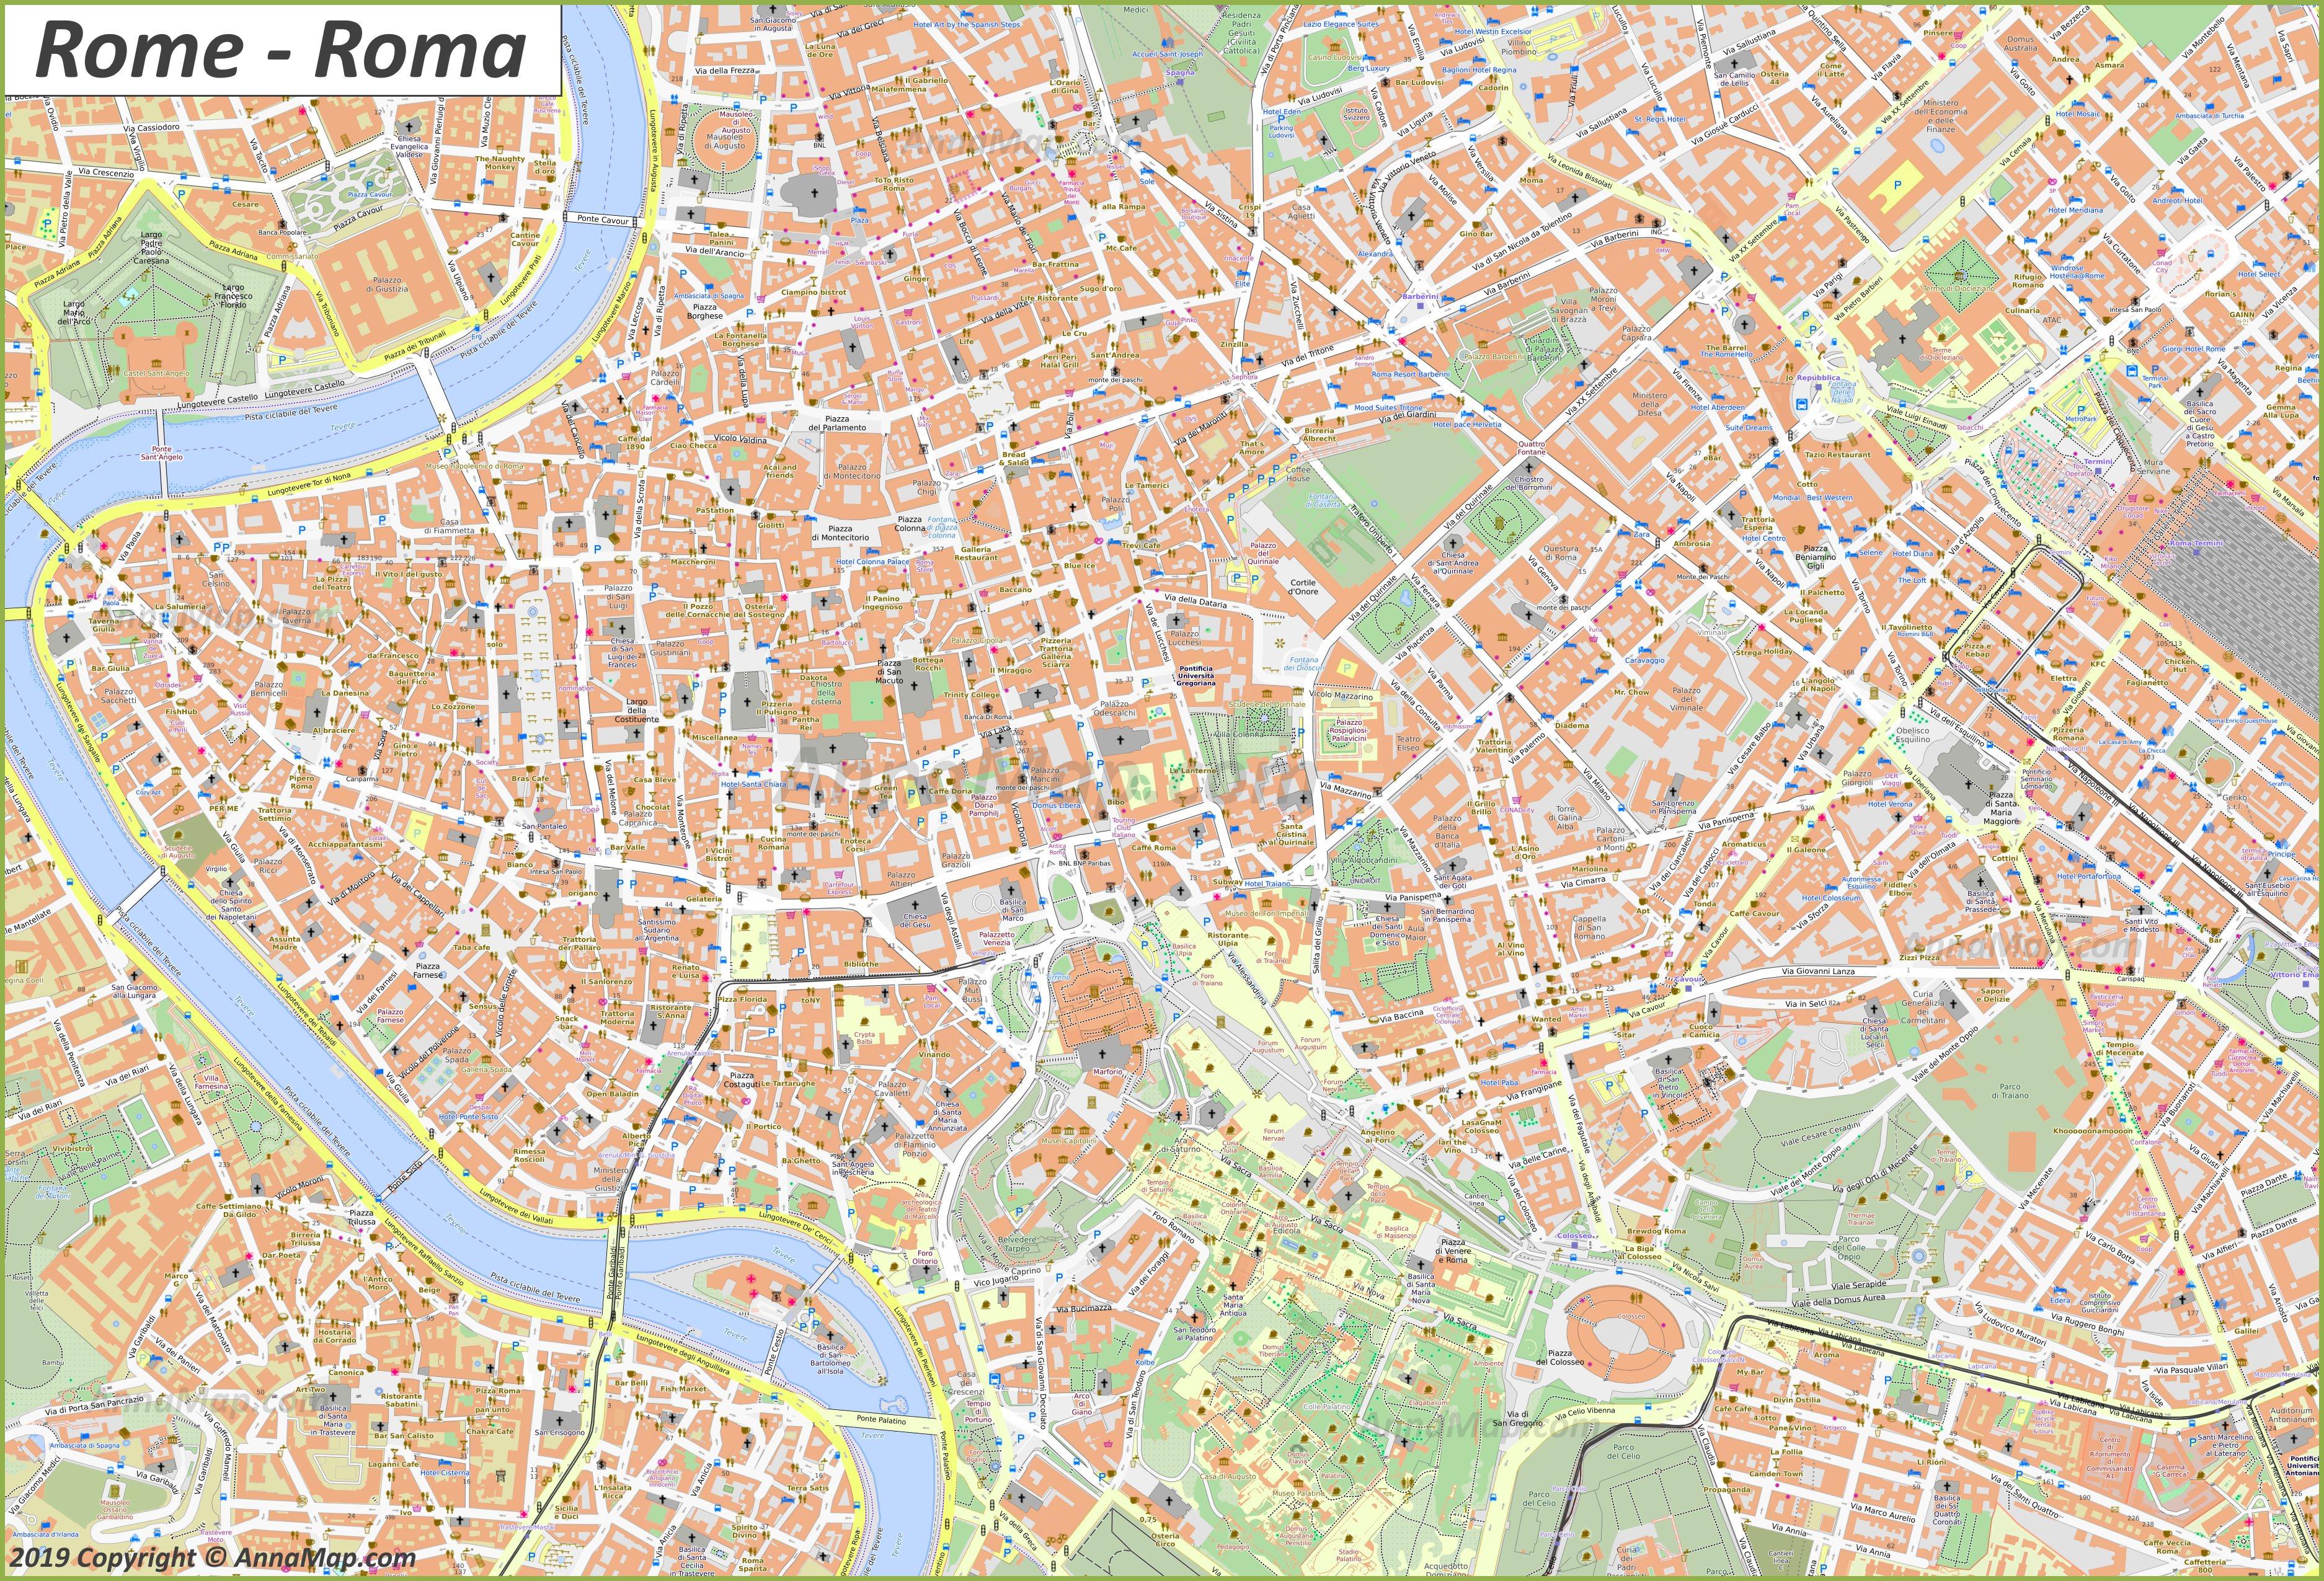 Roma Centro Cartina.Mappe Turistiche Dettagliate Di Roma Italia Mappe Stampabili Gratuite Di Roma Annamappa Com